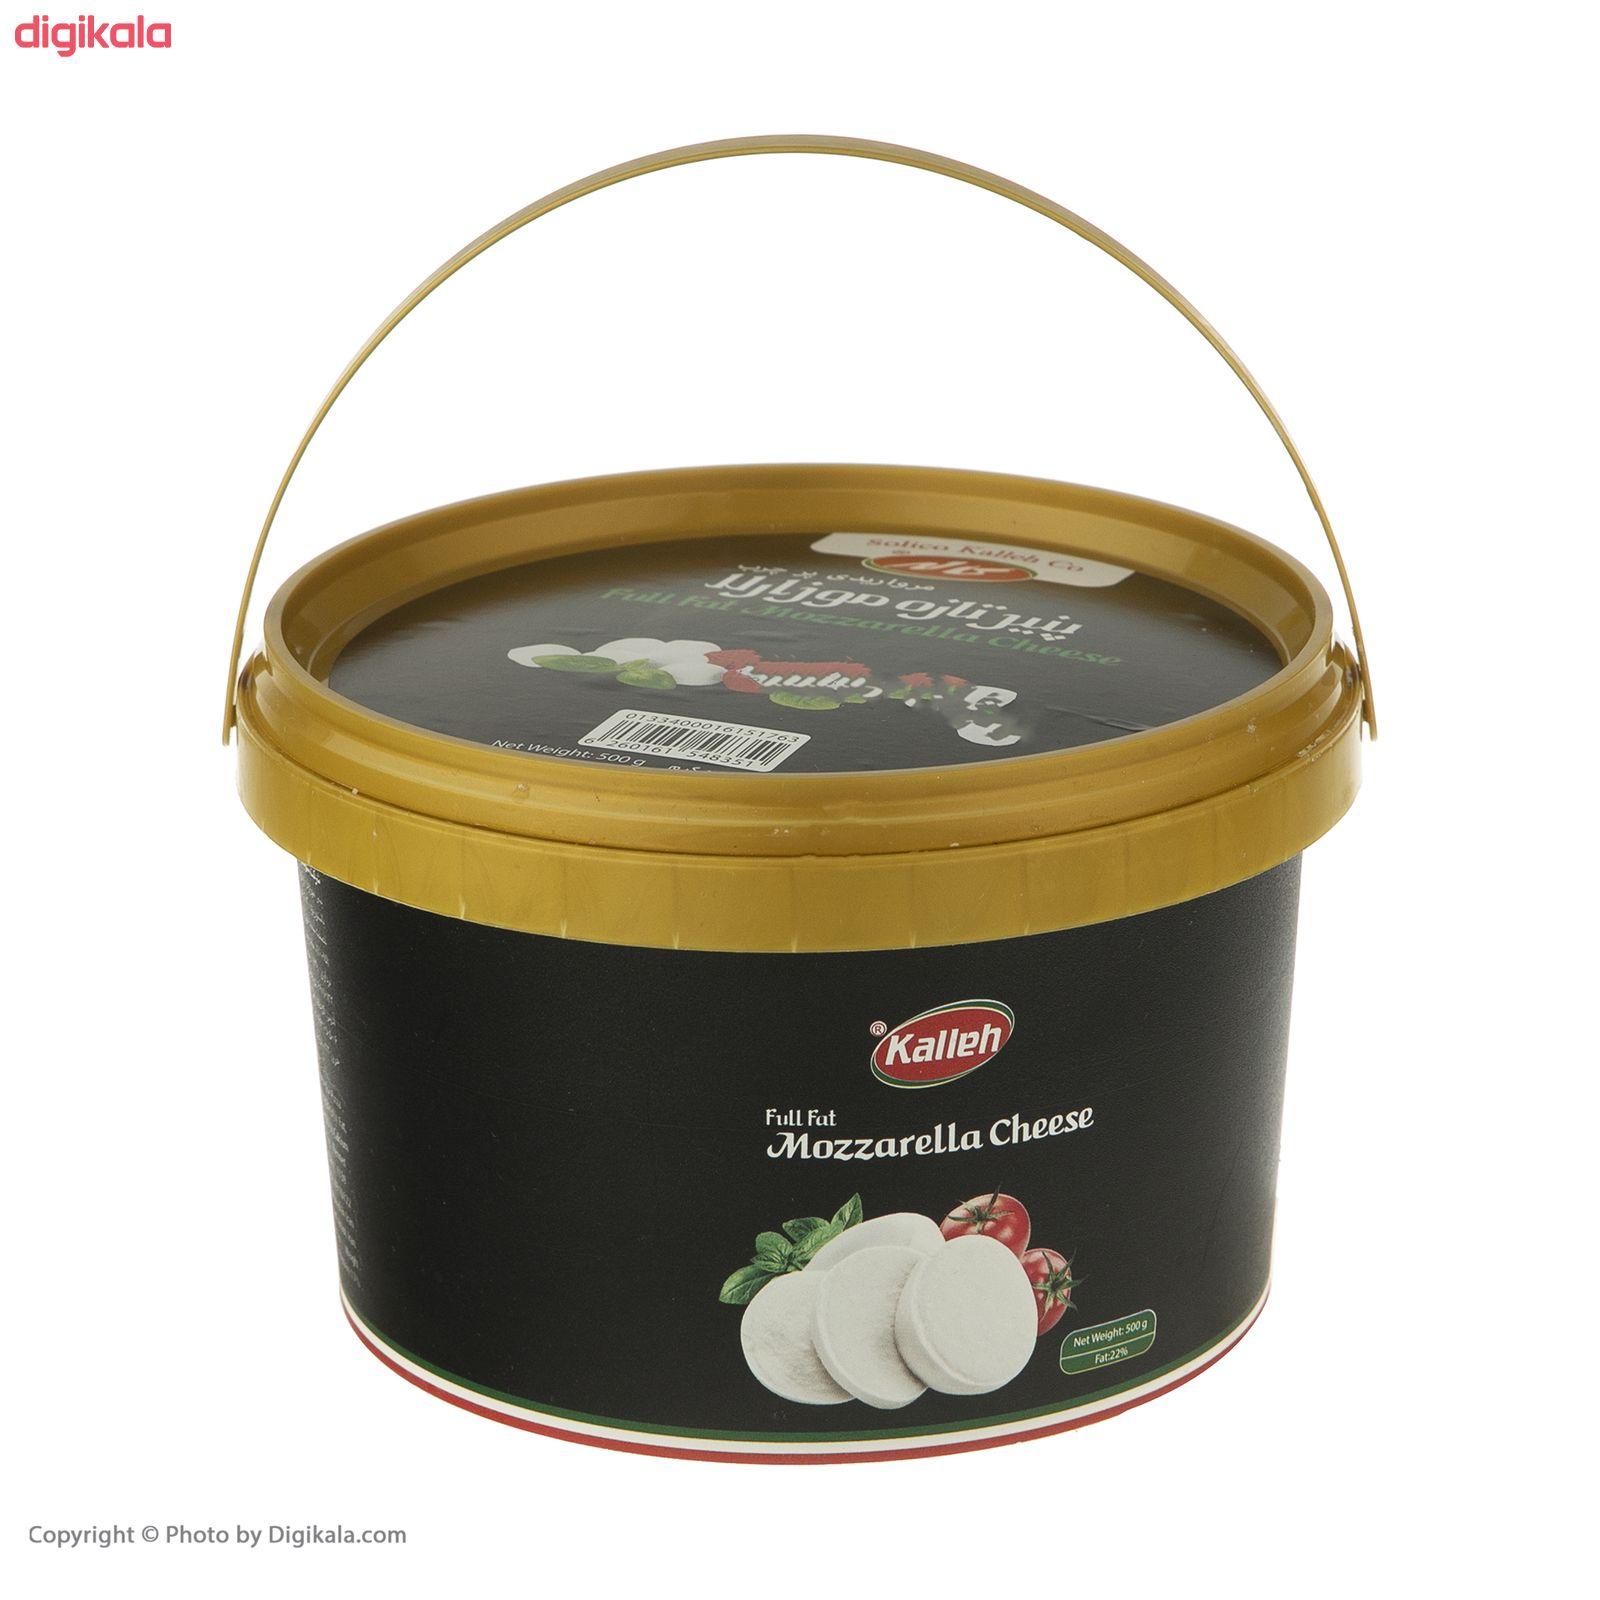 پنیر تازه موزارلا کاله مدل توپی مقدار 500 گرم main 1 4